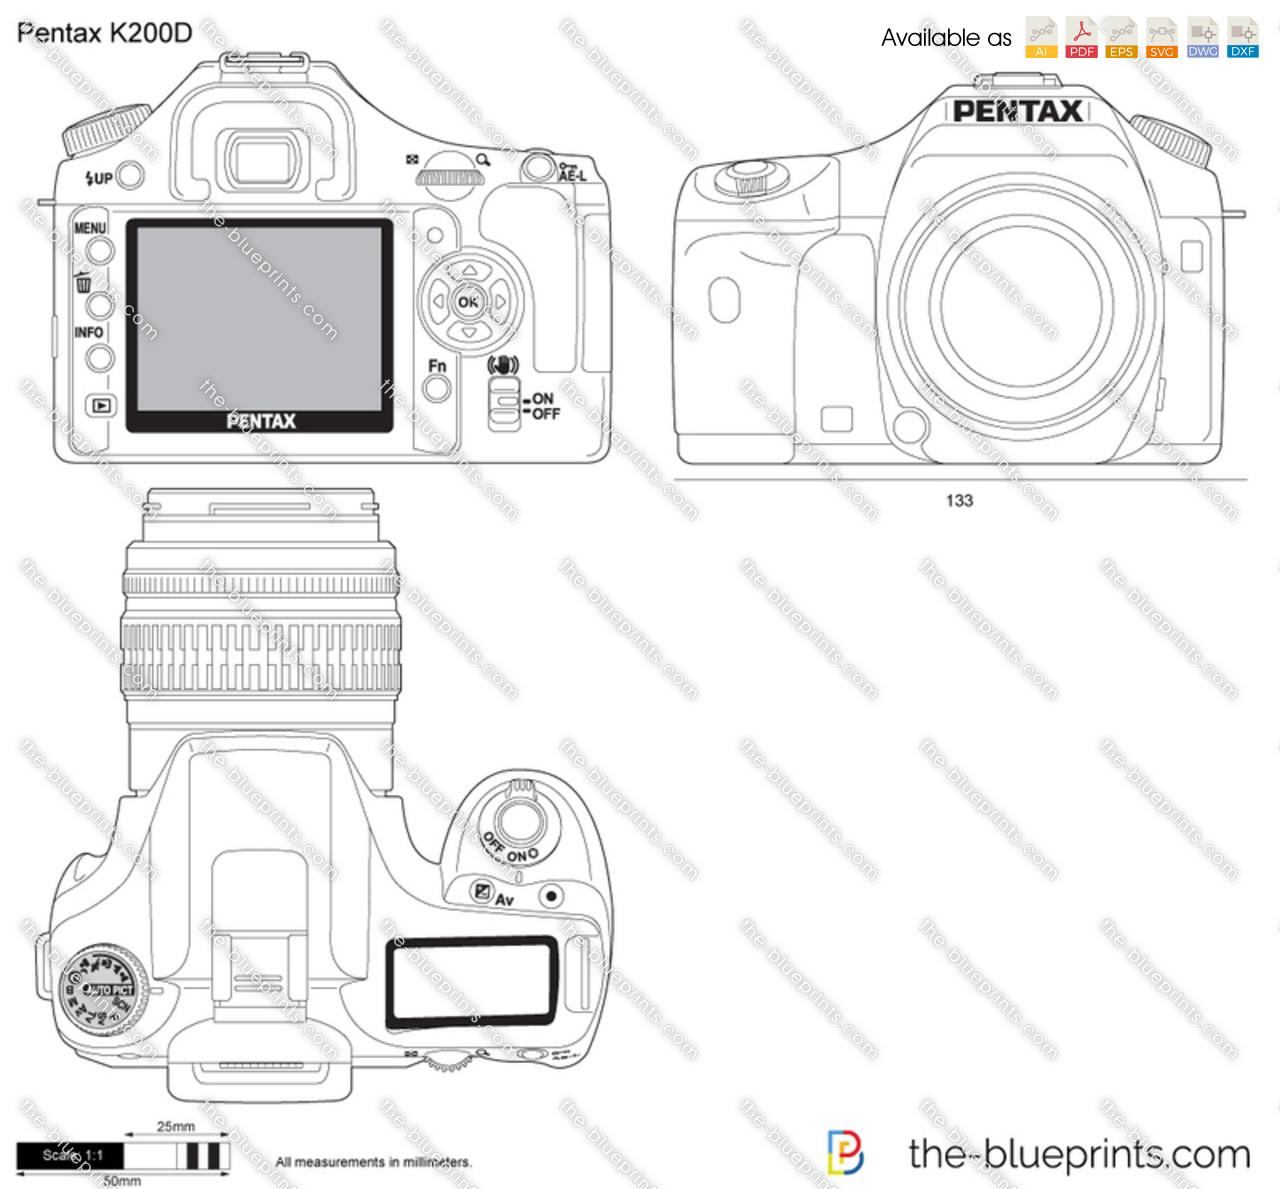 Pentax K200D